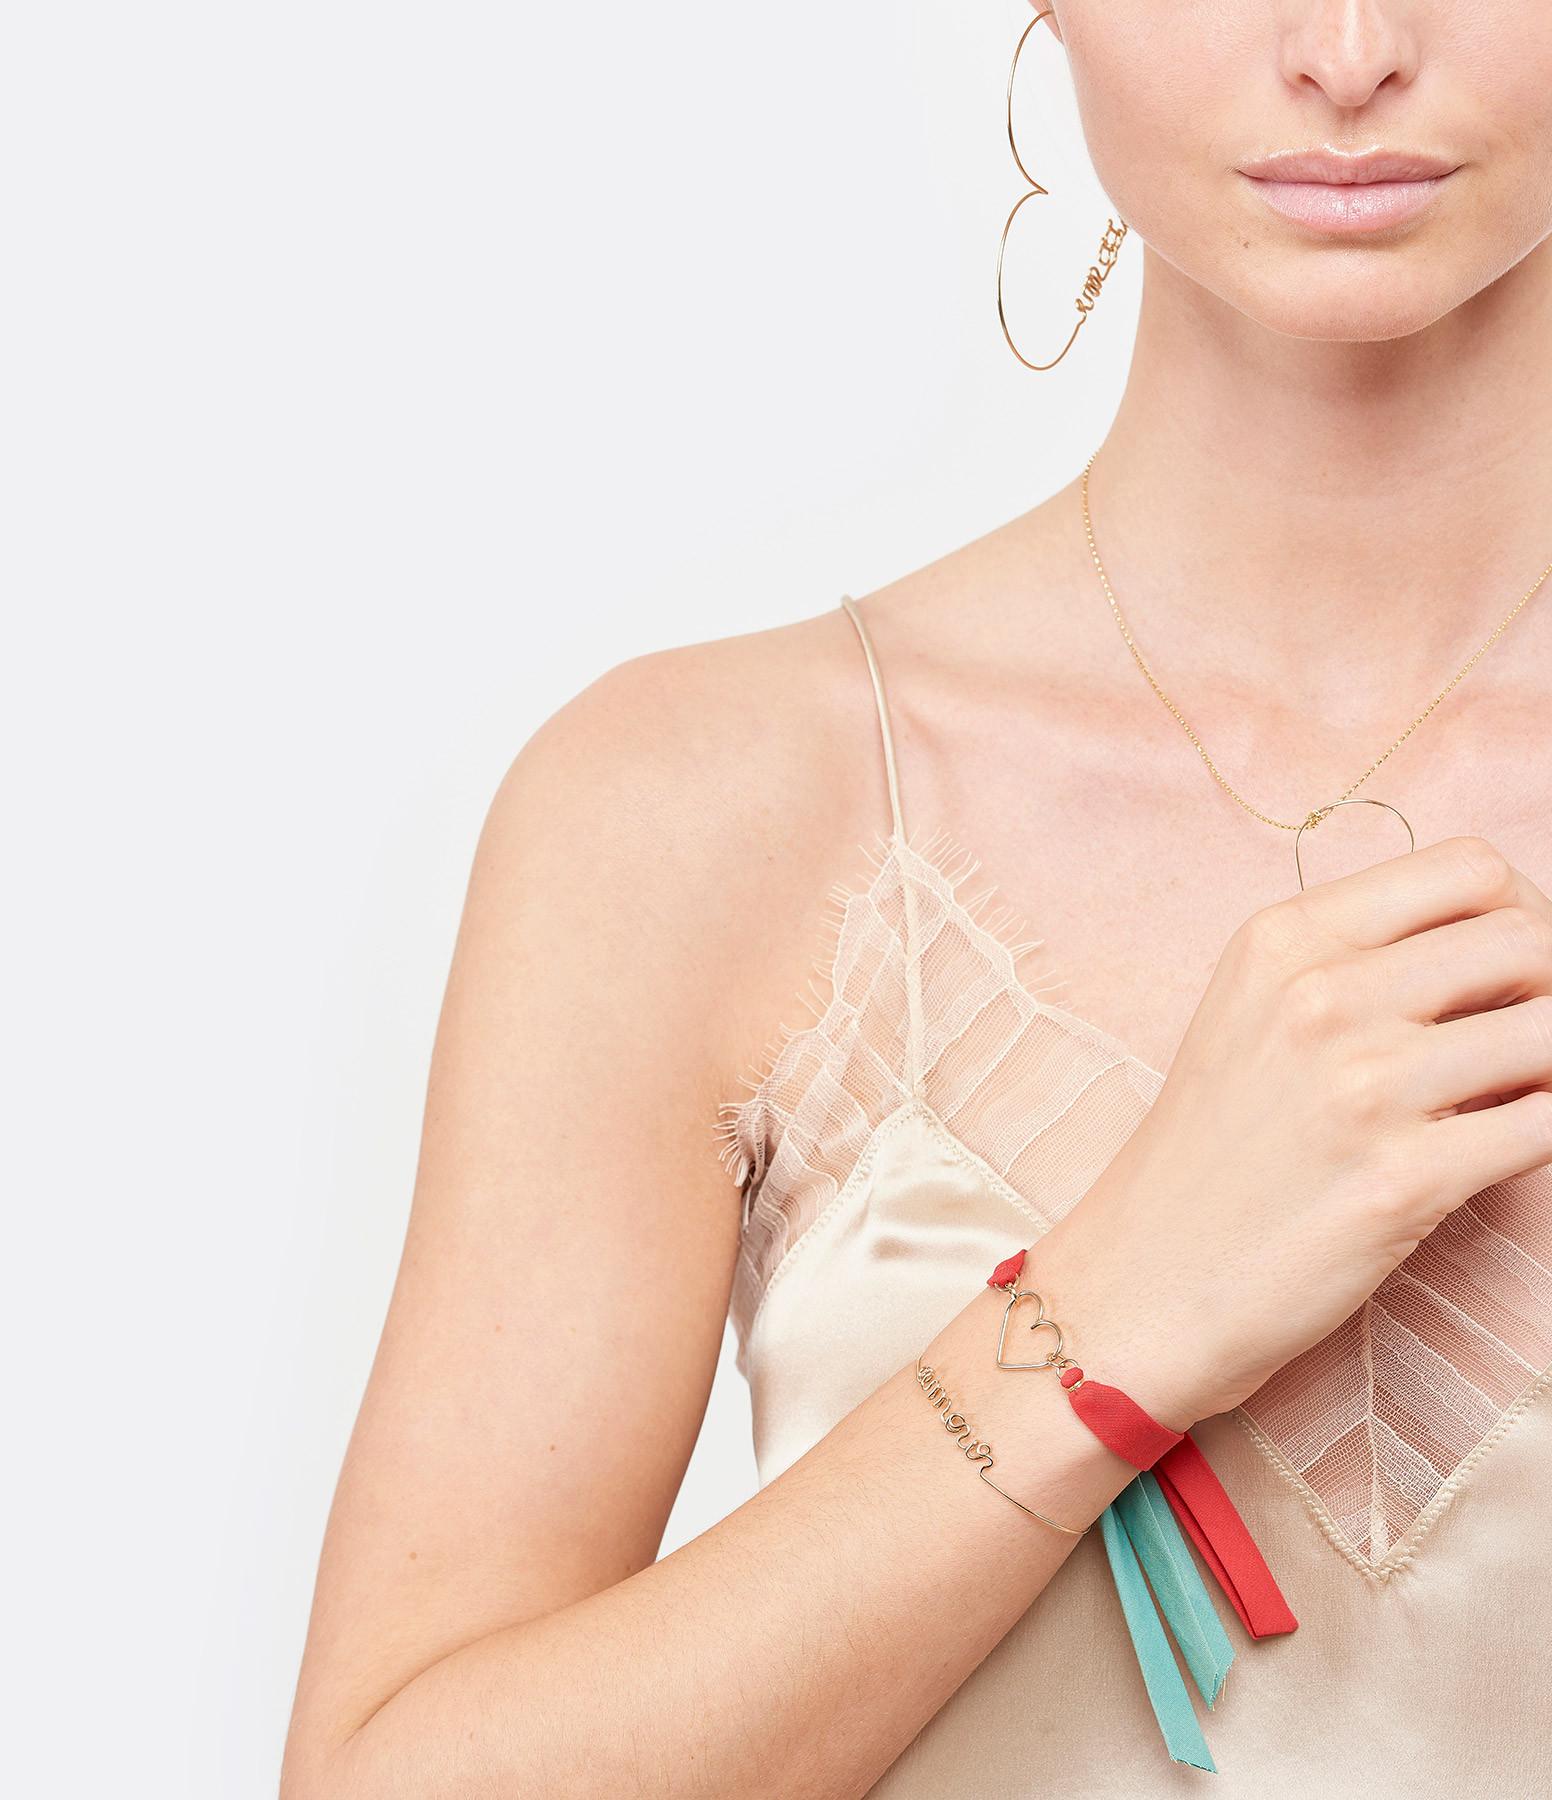 ATELIER PAULIN - Bracelet Ruban Rouge Coeur Gold Filled 14K